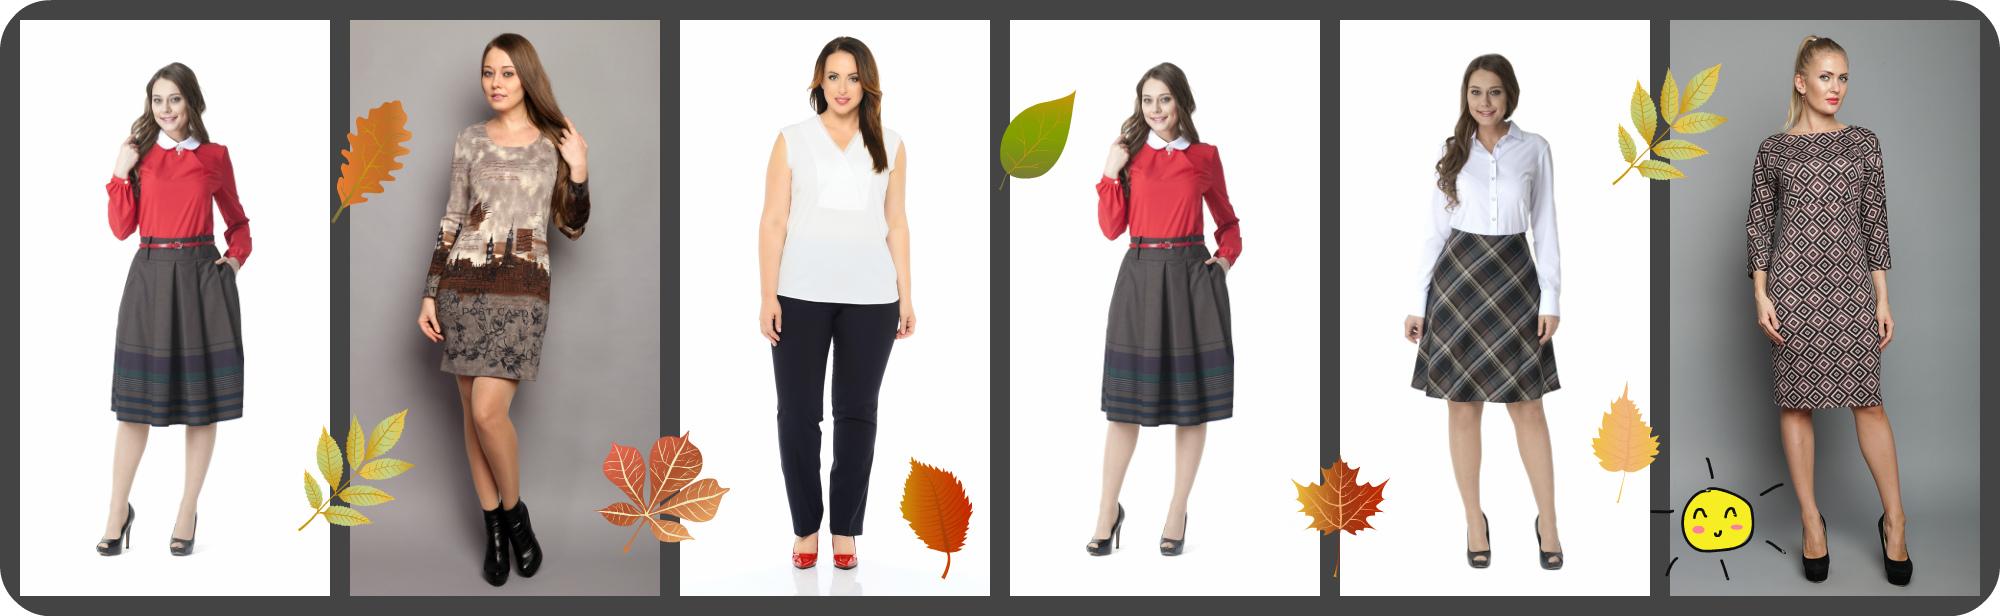 ТРИкА - Новая распродажа брюк от 200 р, юбок 300р, большой выбор платьев, брюк от самого лучшего производителя - 9/2016. Огромный выбор юбок. Широкий размерный ряд